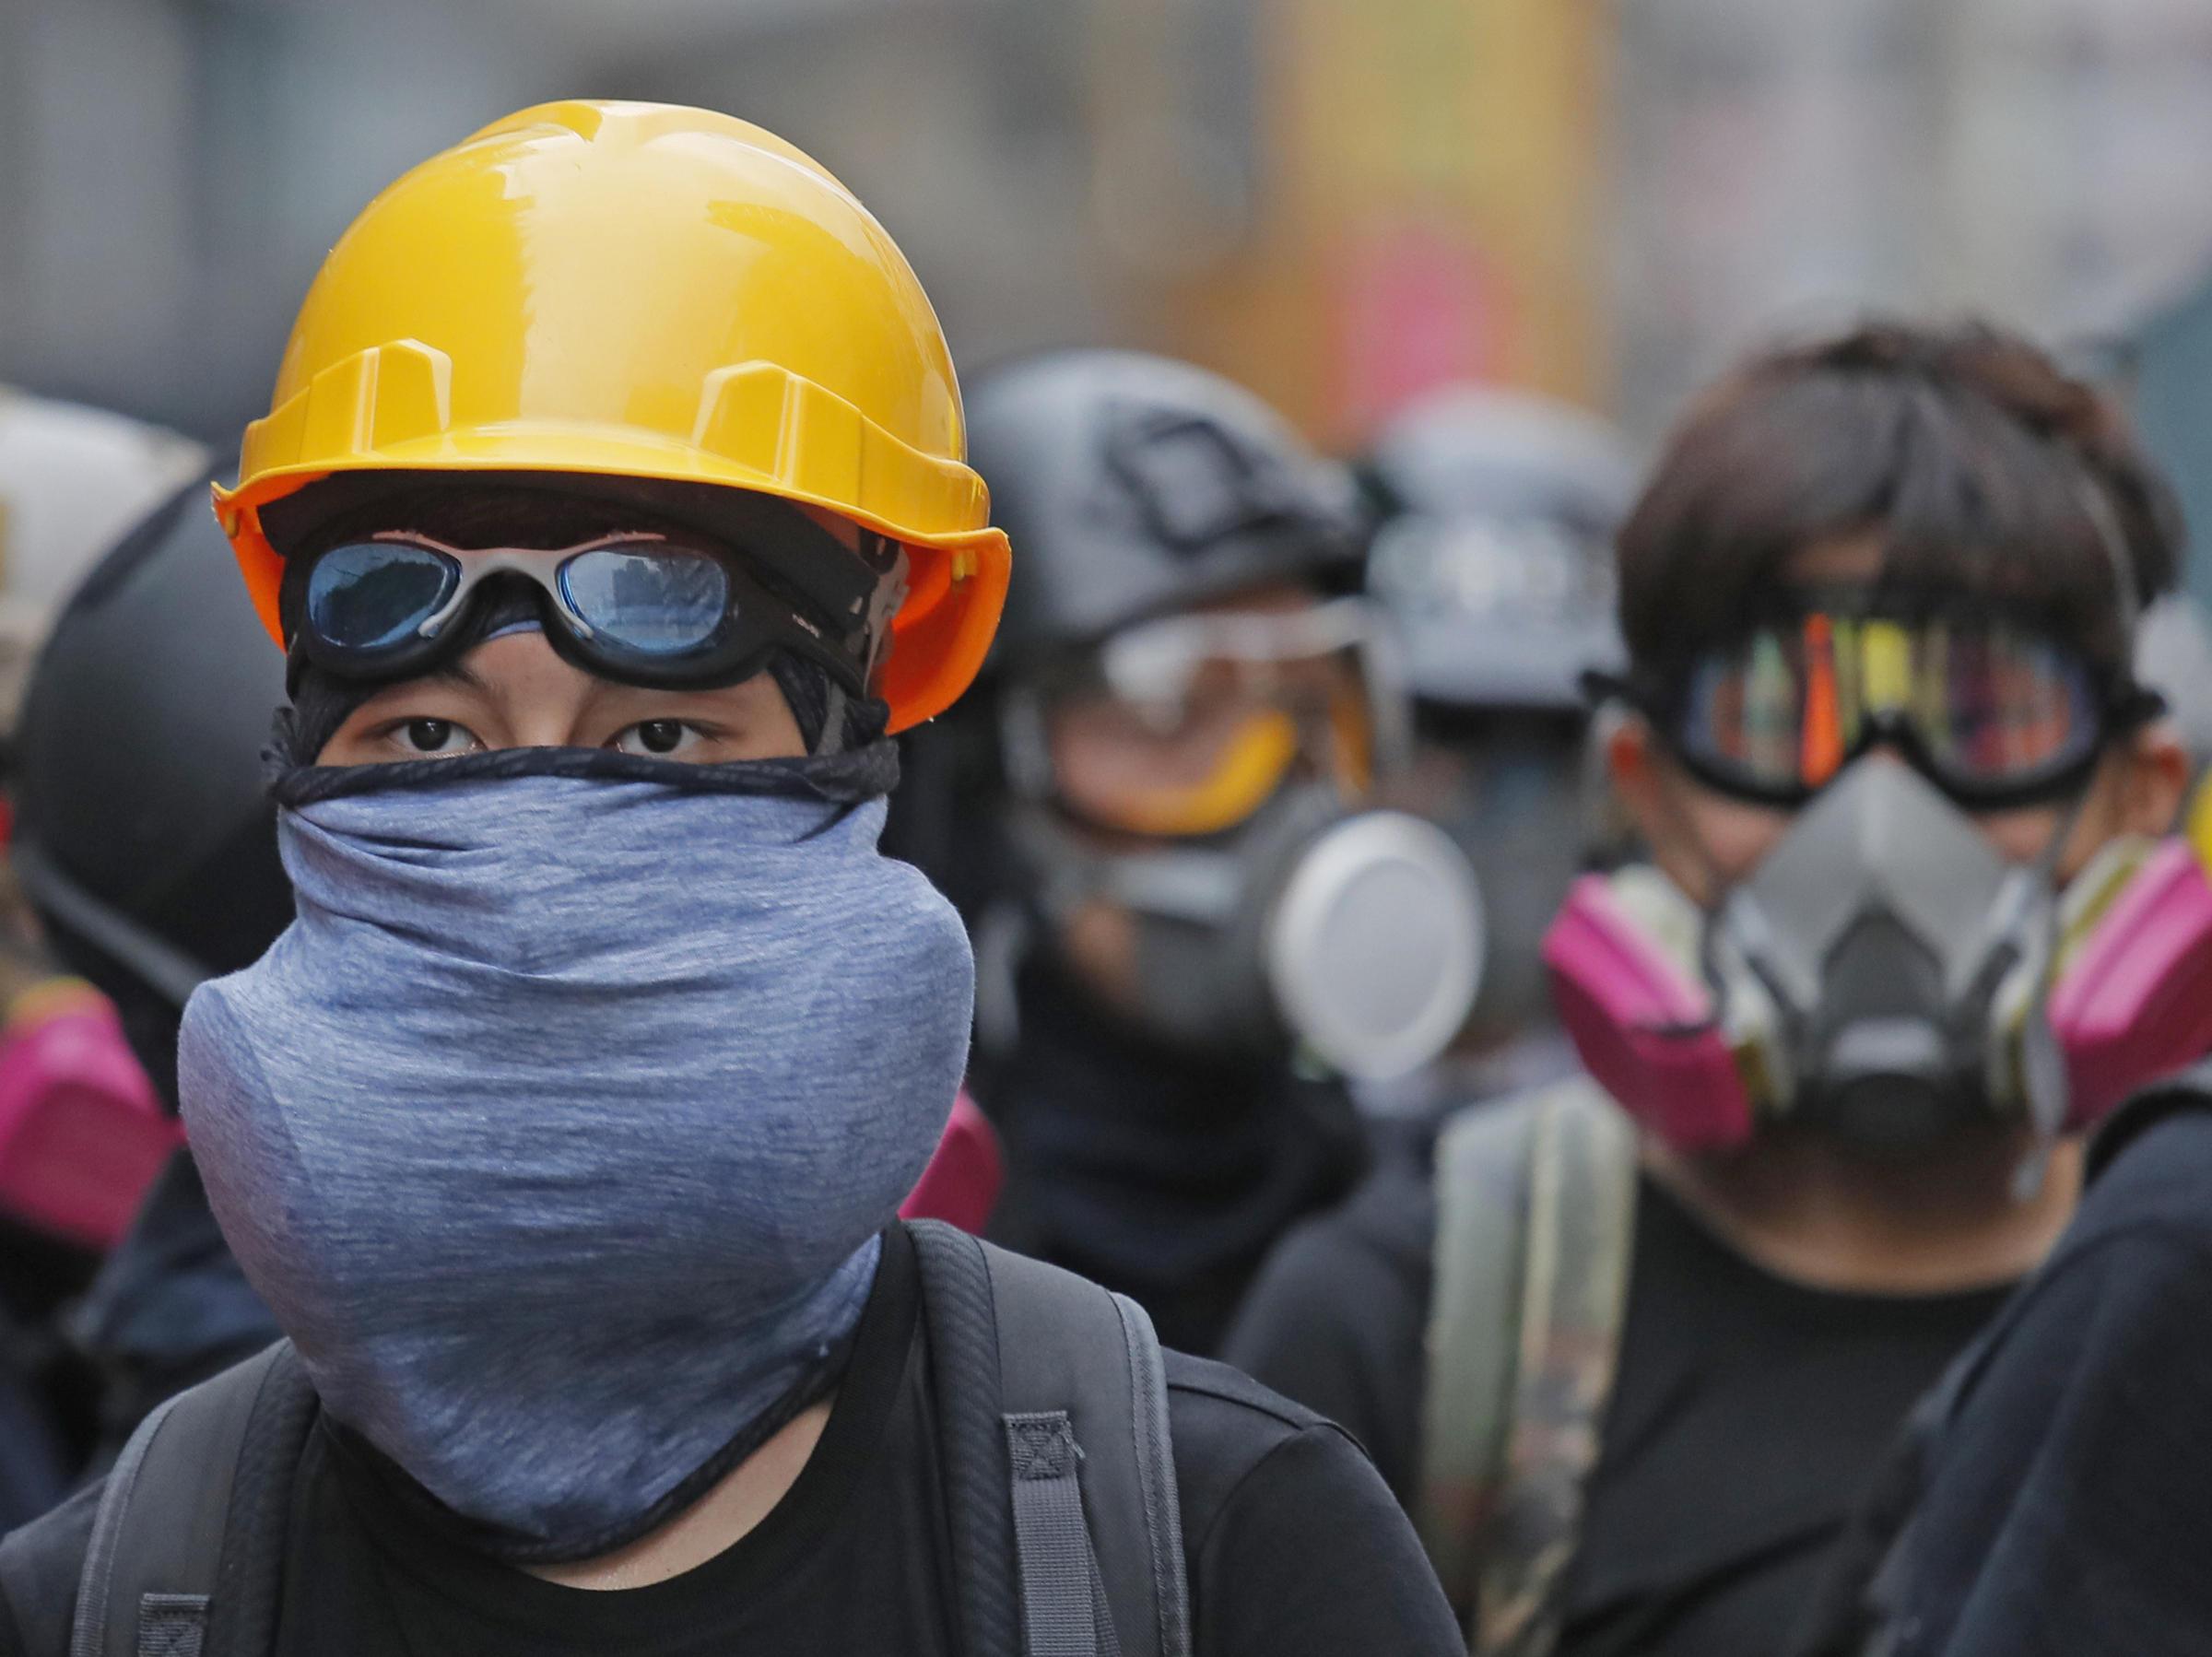 As Hong Kong Protests Continue, China's Response Is Increasingly